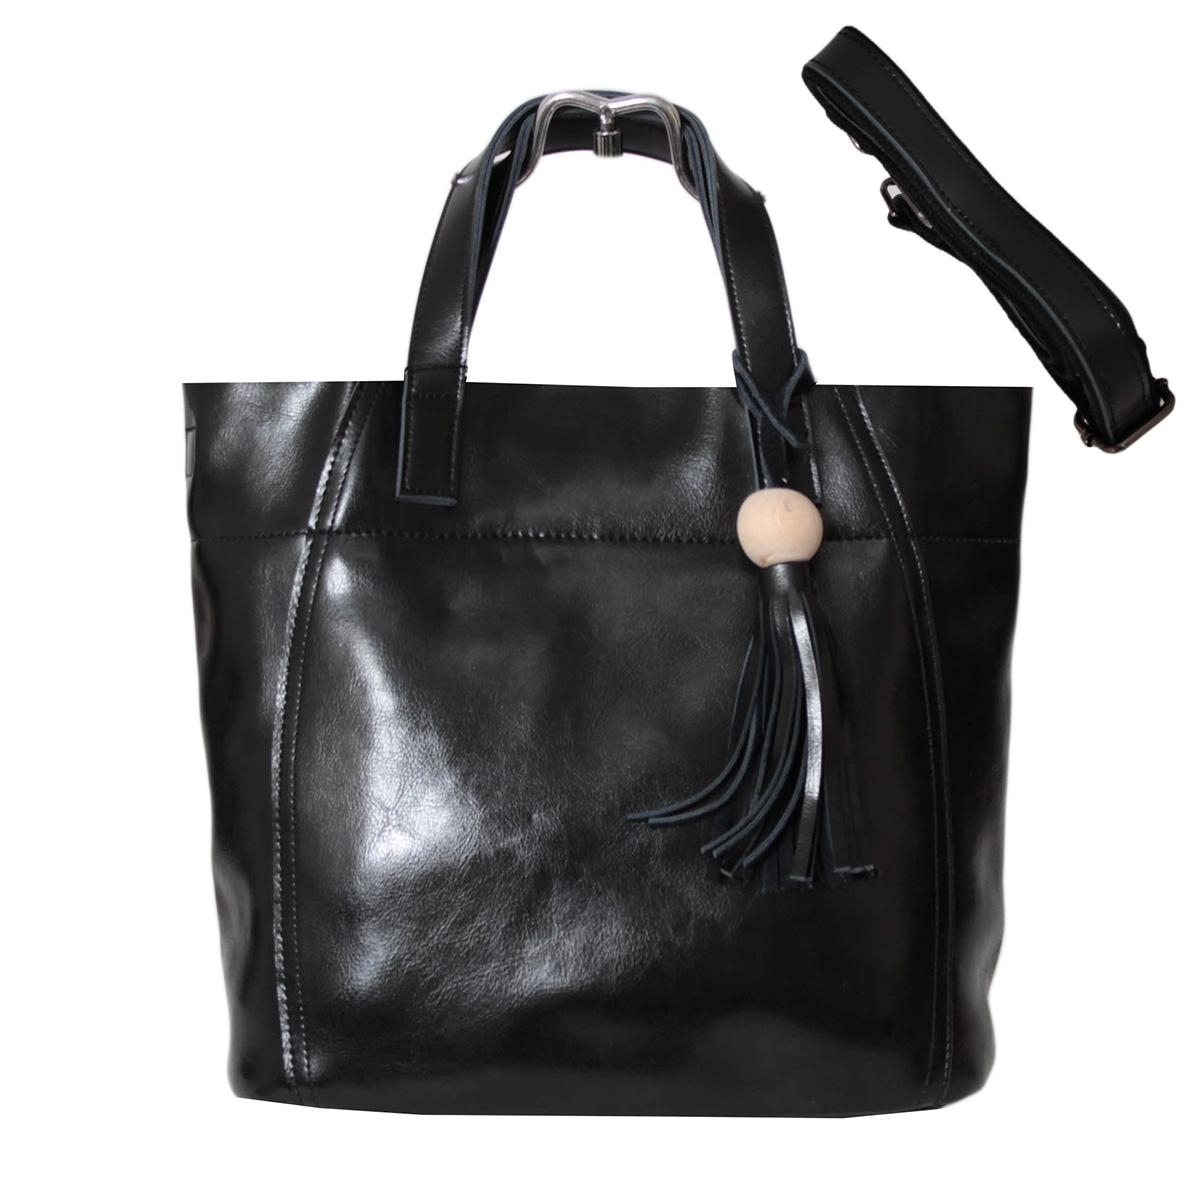 Сумка женская Flioraj, цвет: черный. 0005246800052468Закрывается на молнию, внутри два отделения, карман на молнии и два открытых кармана. Высота ручки 13 см.